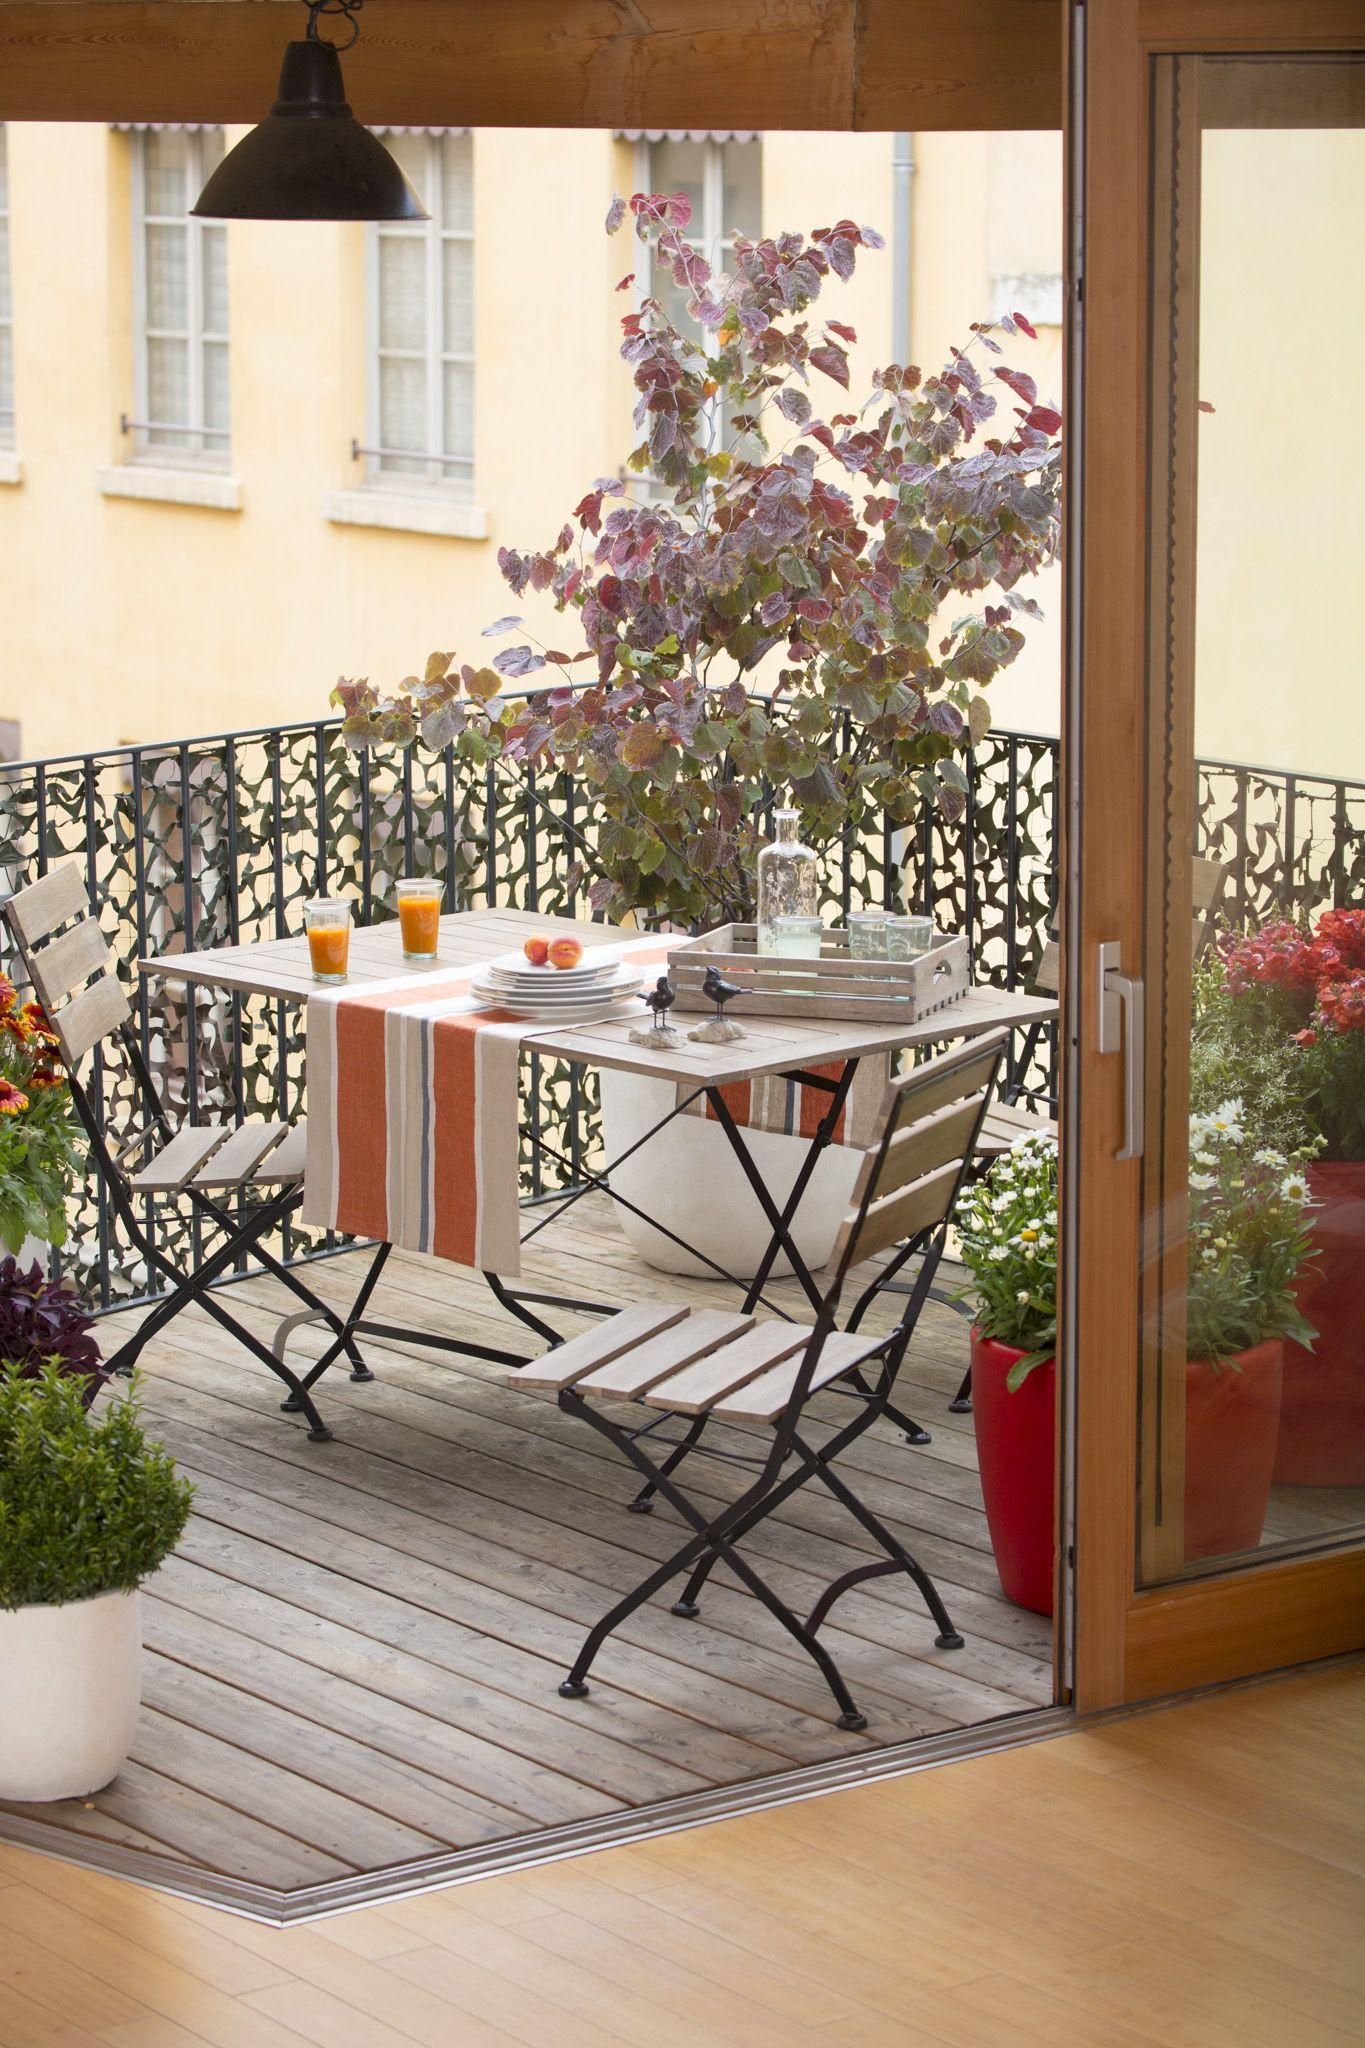 Balcon campagne combinaci n piso de madera interior y for Balcones madera exterior